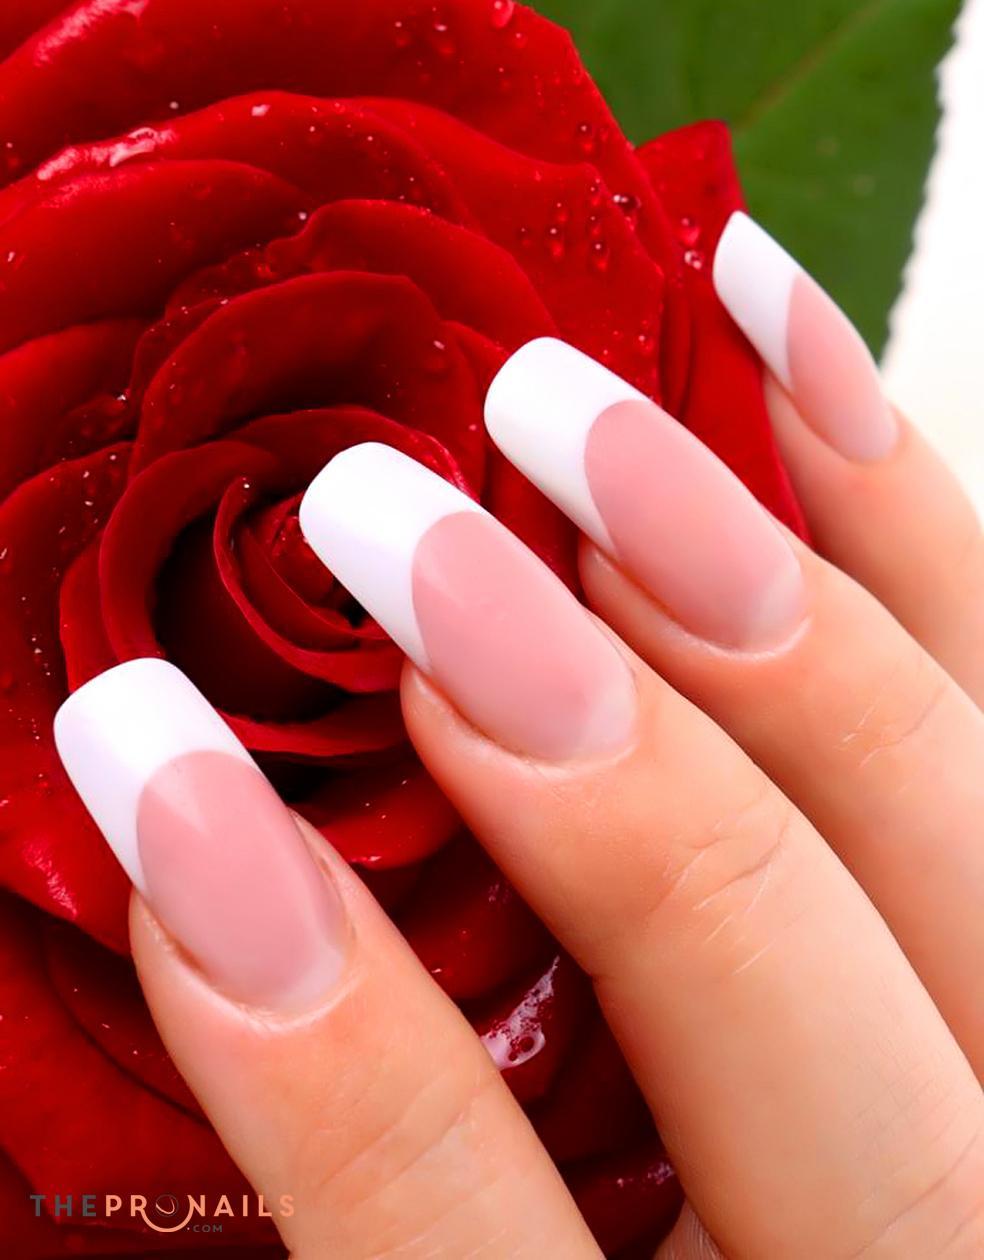 Princess Nails Peoria   Pink & White Acrylic